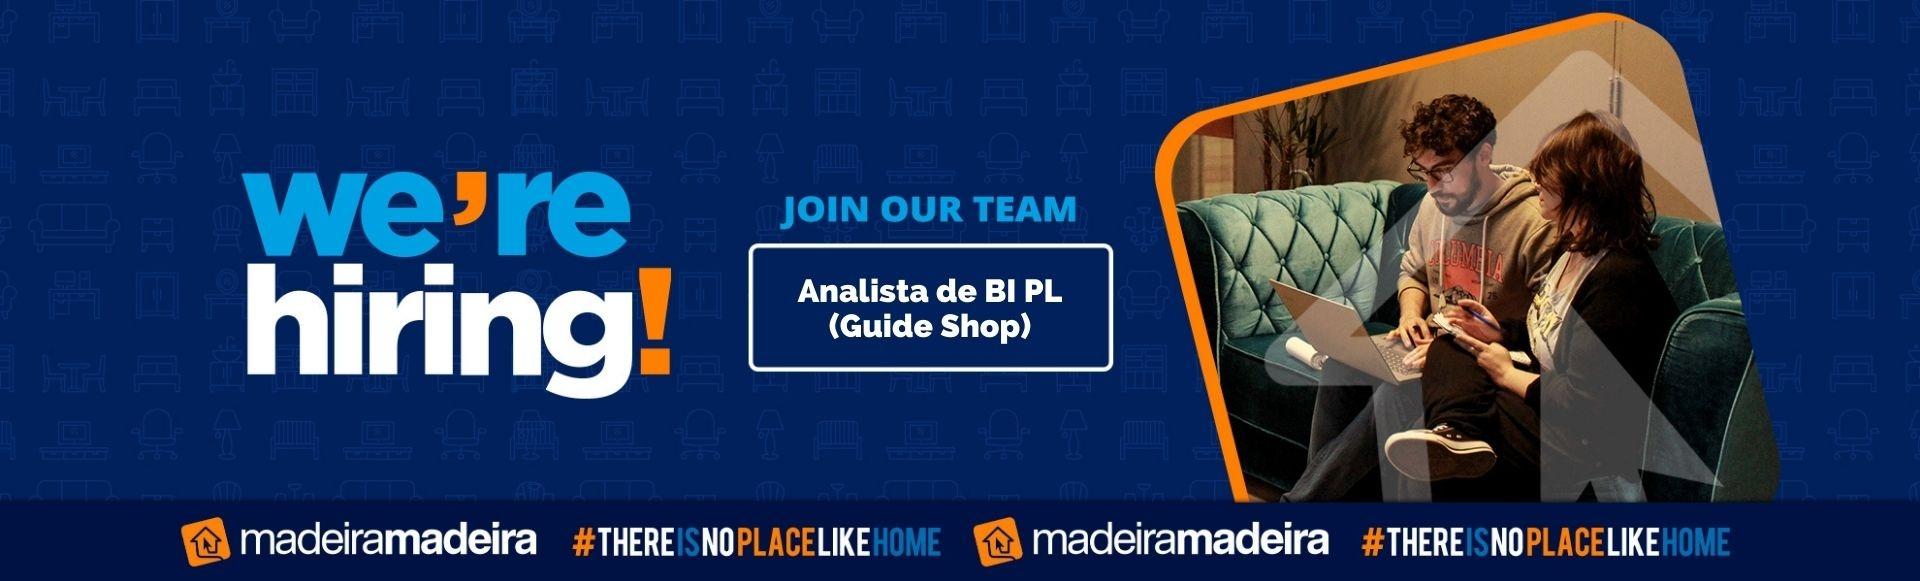 Analista de BI PL (Guide Shop)